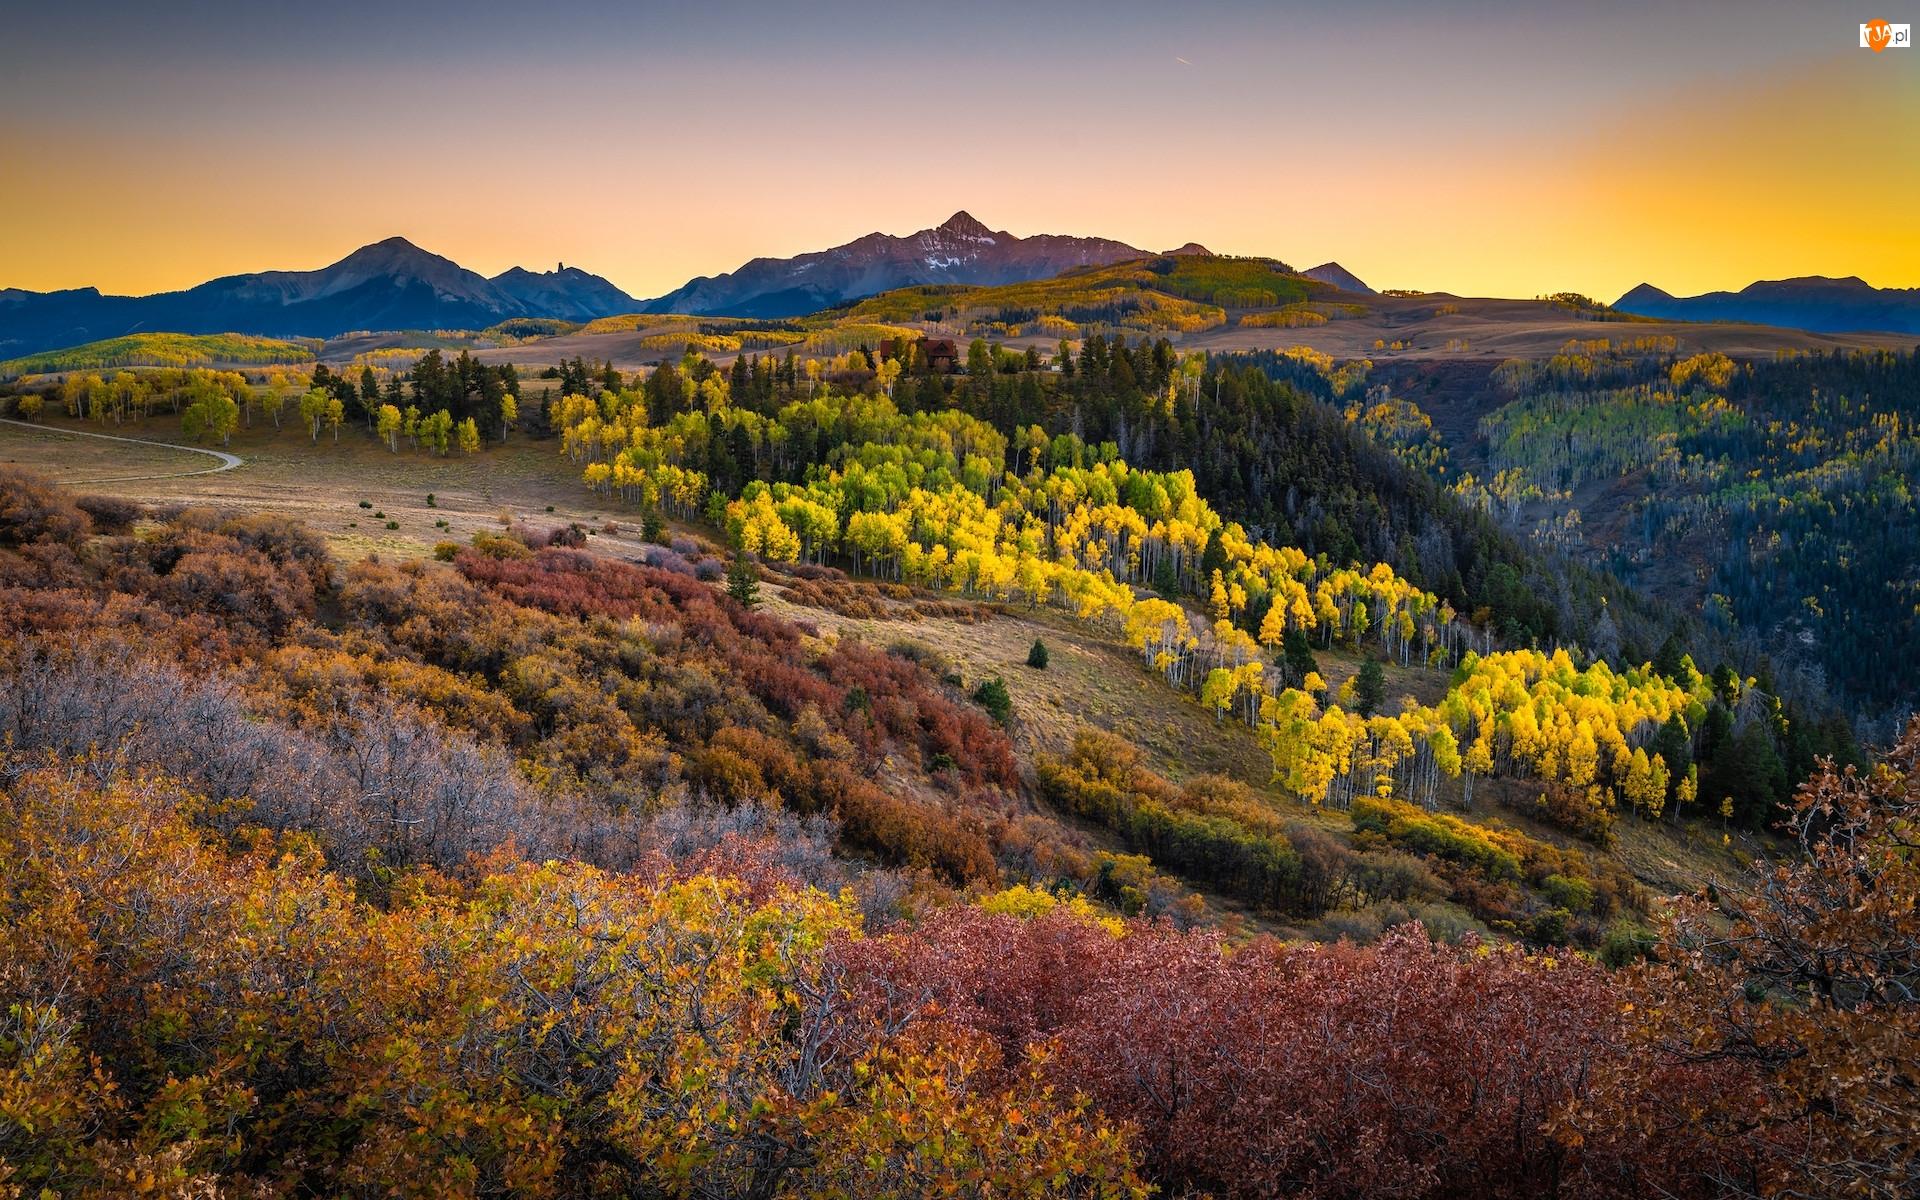 Jesień, Stan Kolorado, Las, Krzewy, Góry, Stany Zjednoczone, Góry, Wilson Peak, Telluride, San Juan Mountains, Góra, Drzewa